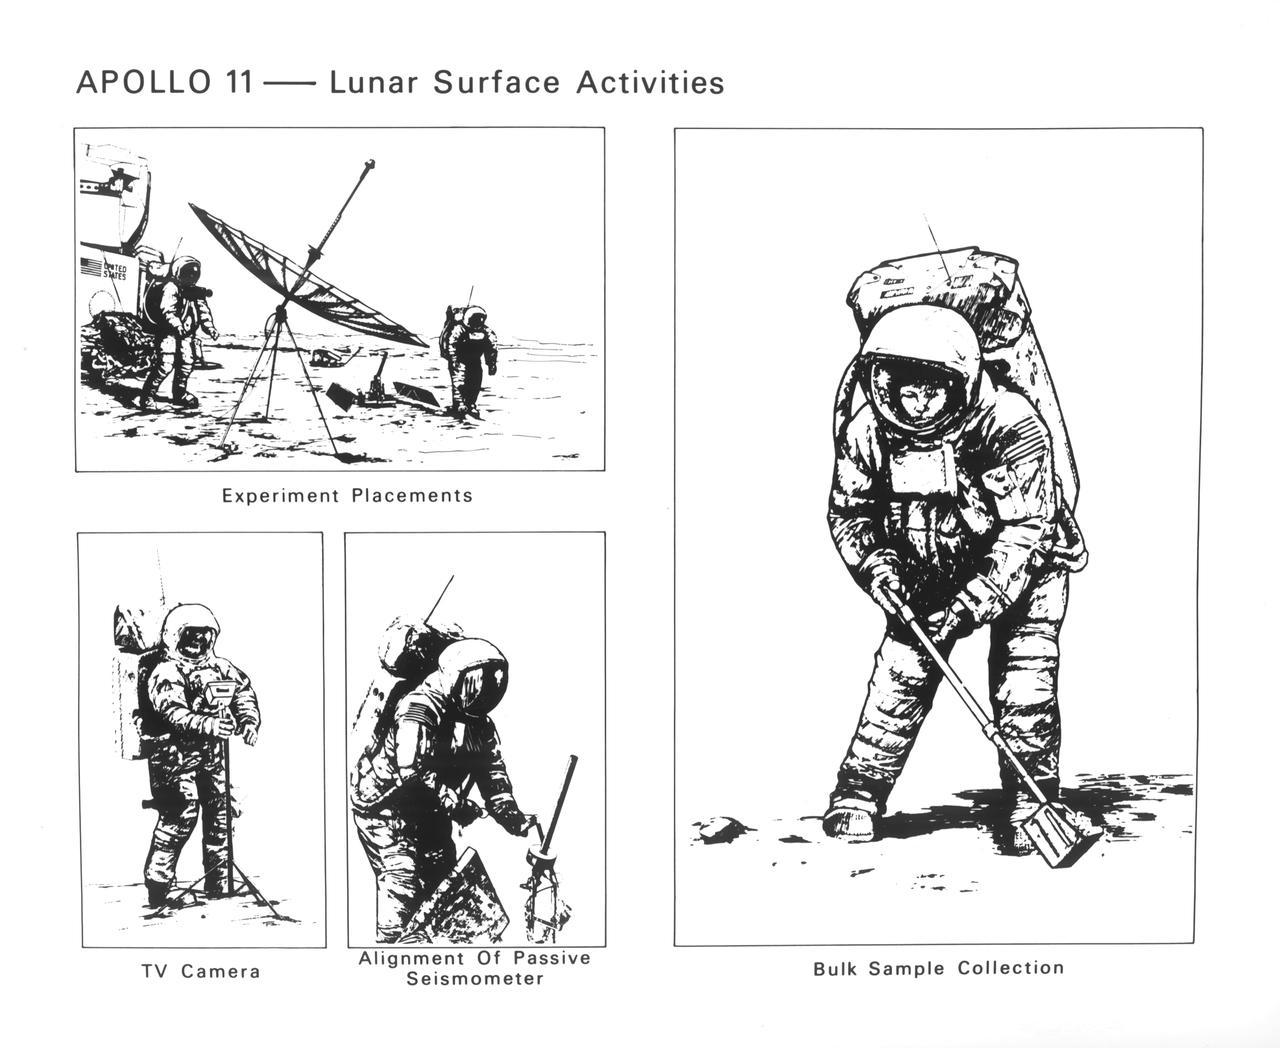 Actividades en la superficie lunar